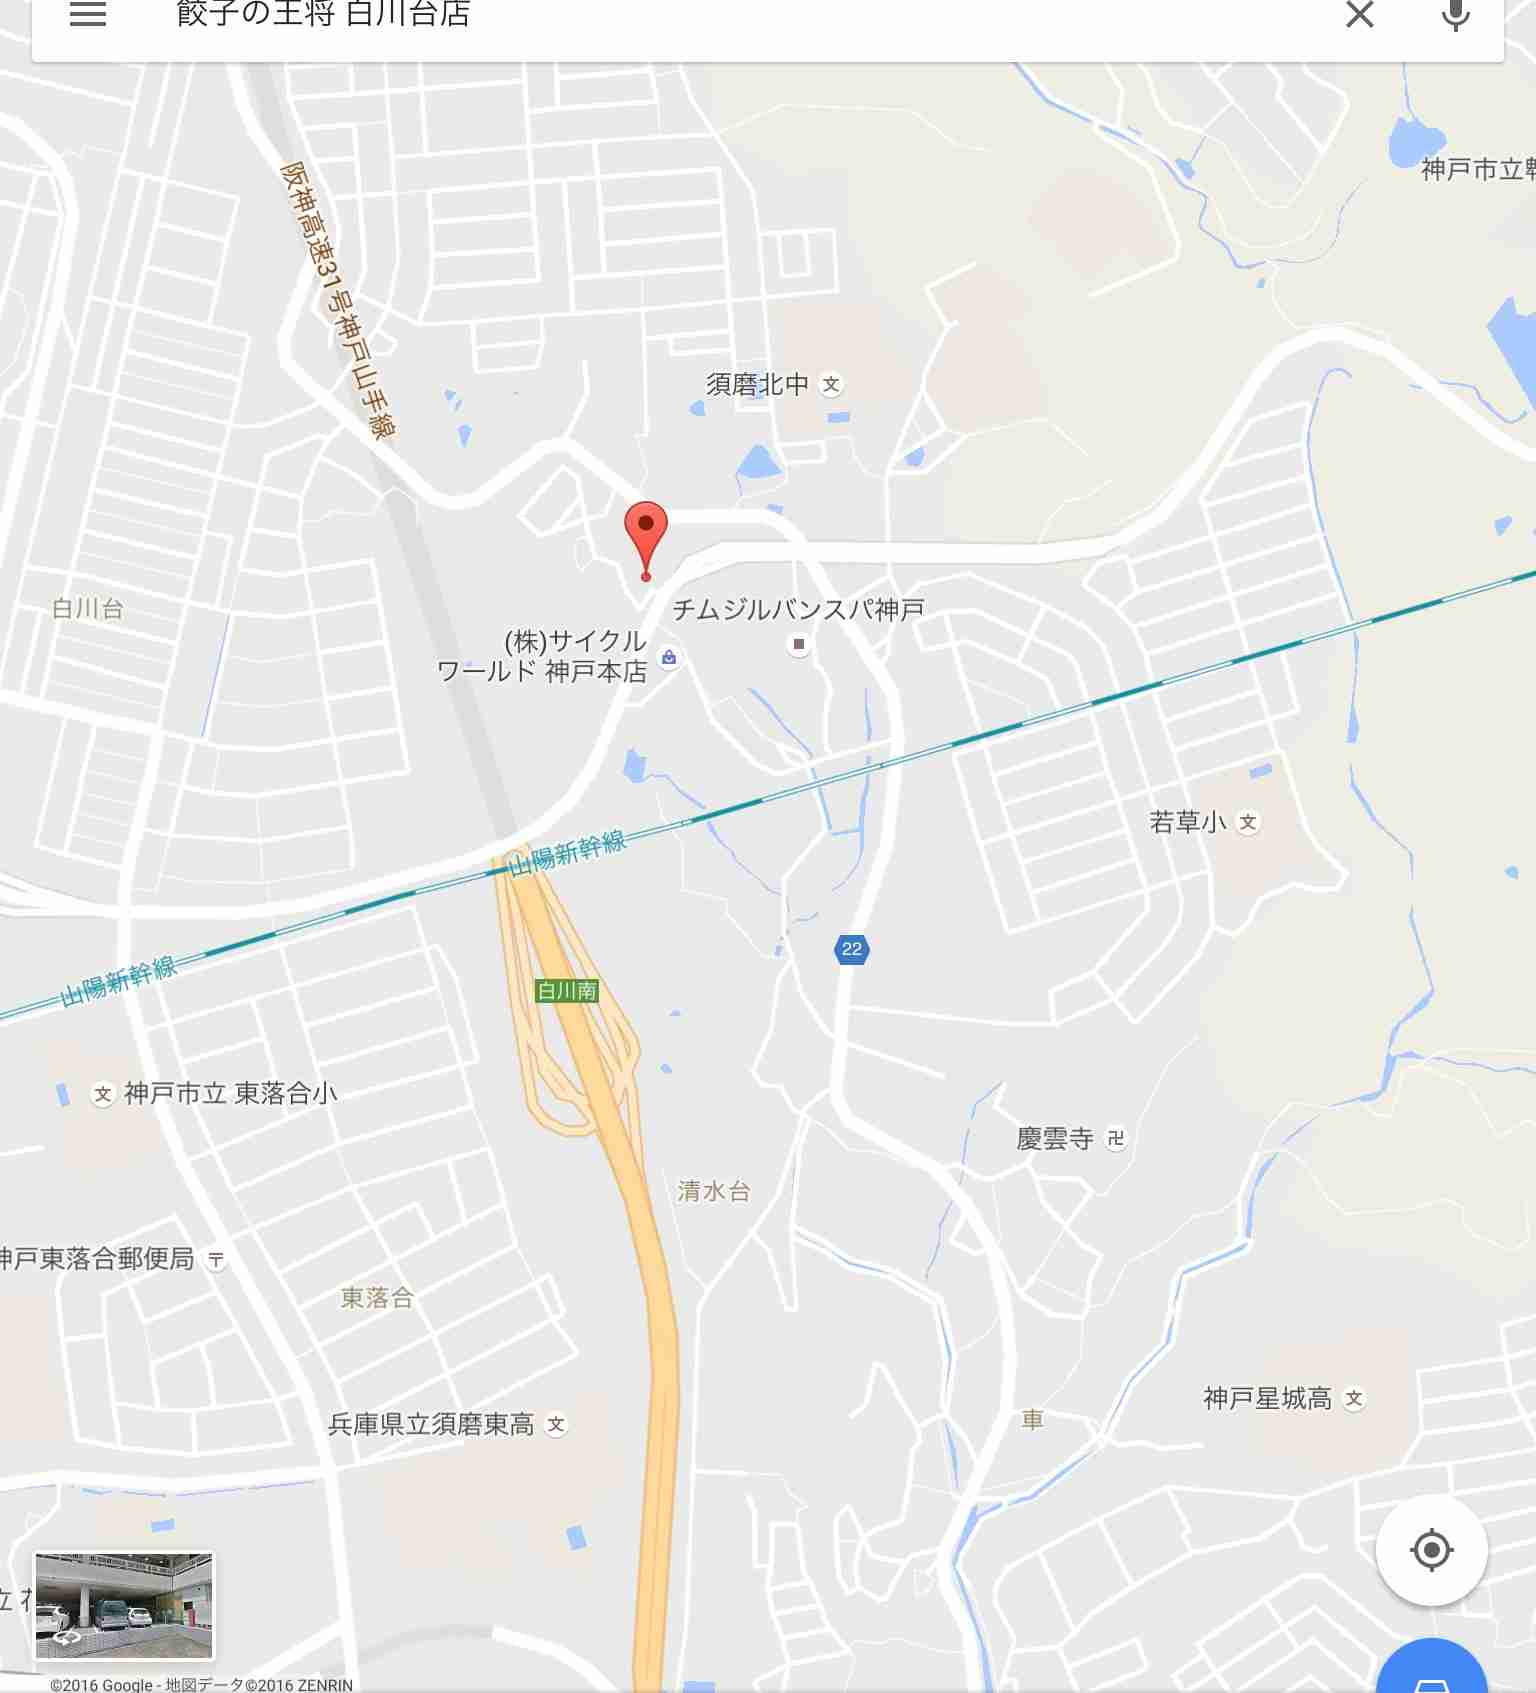 駐車場で寝ていた高校生が車にひかれ重体 神戸